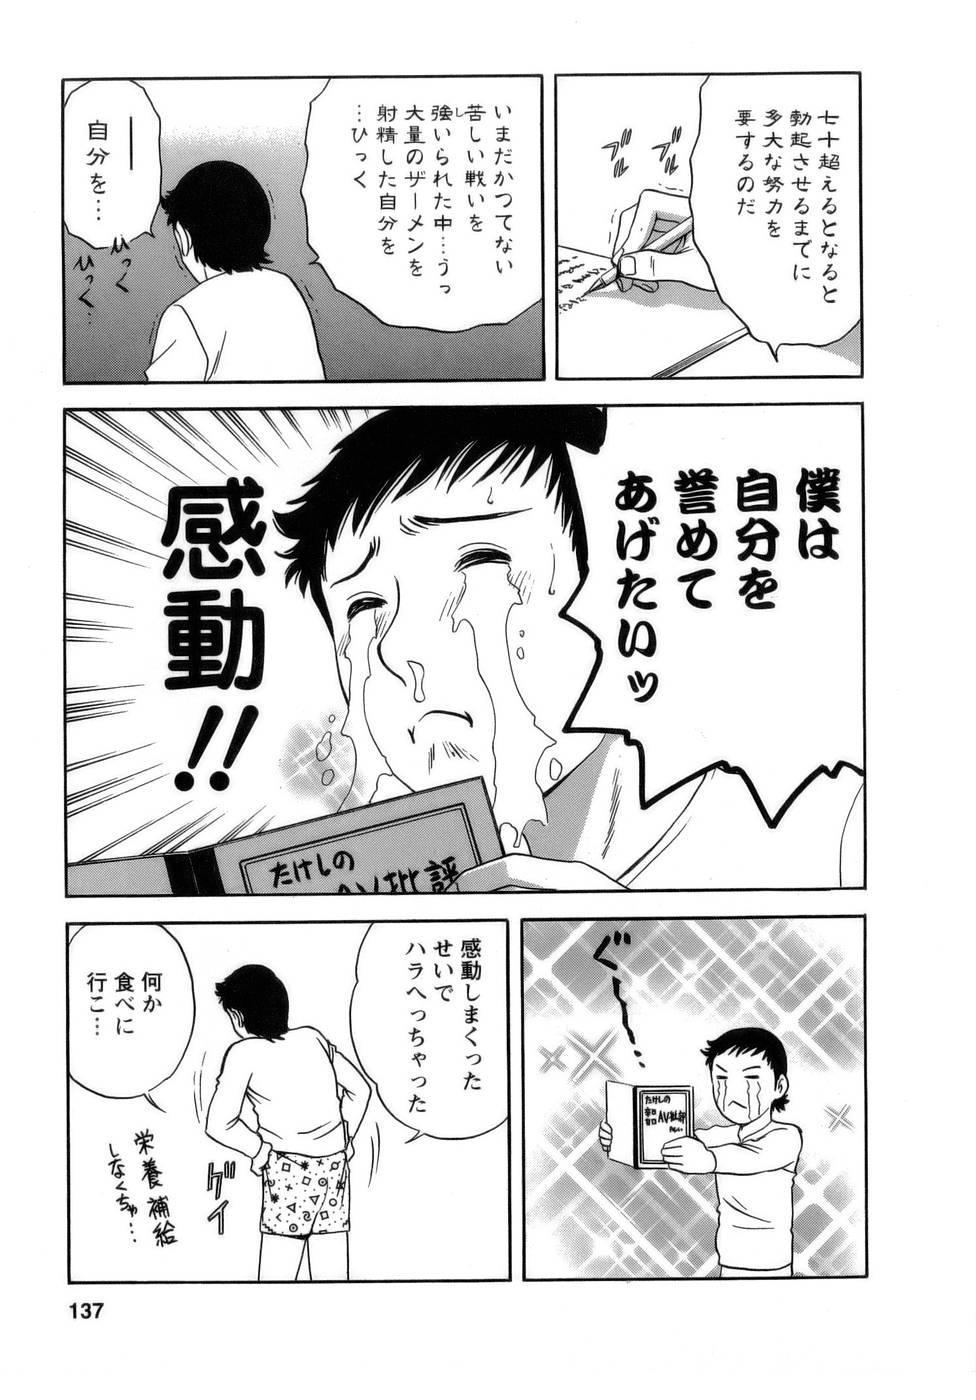 [Hidemaru] Mo-Retsu! Boin Sensei (Boing Boing Teacher) Vol.1 136